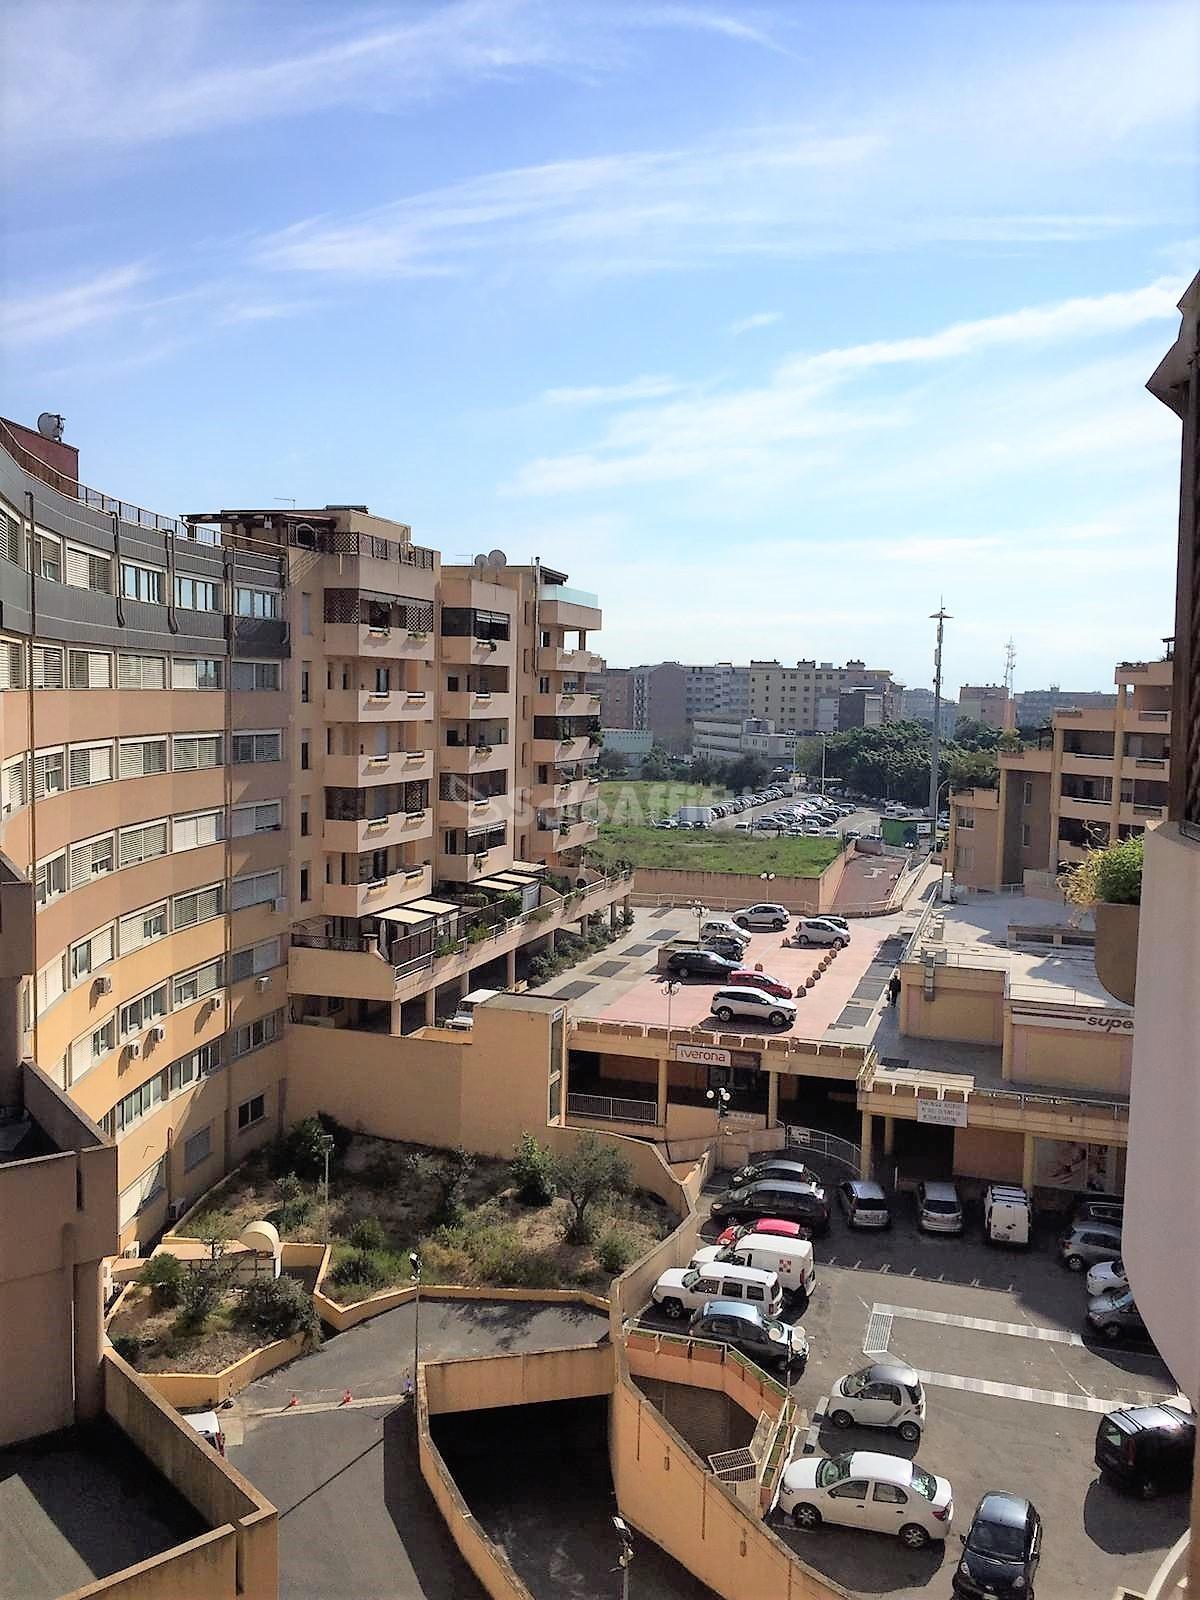 Affitto case cagliari affitto appartamenti ville solo for Appartamenti arredati in affitto cagliari